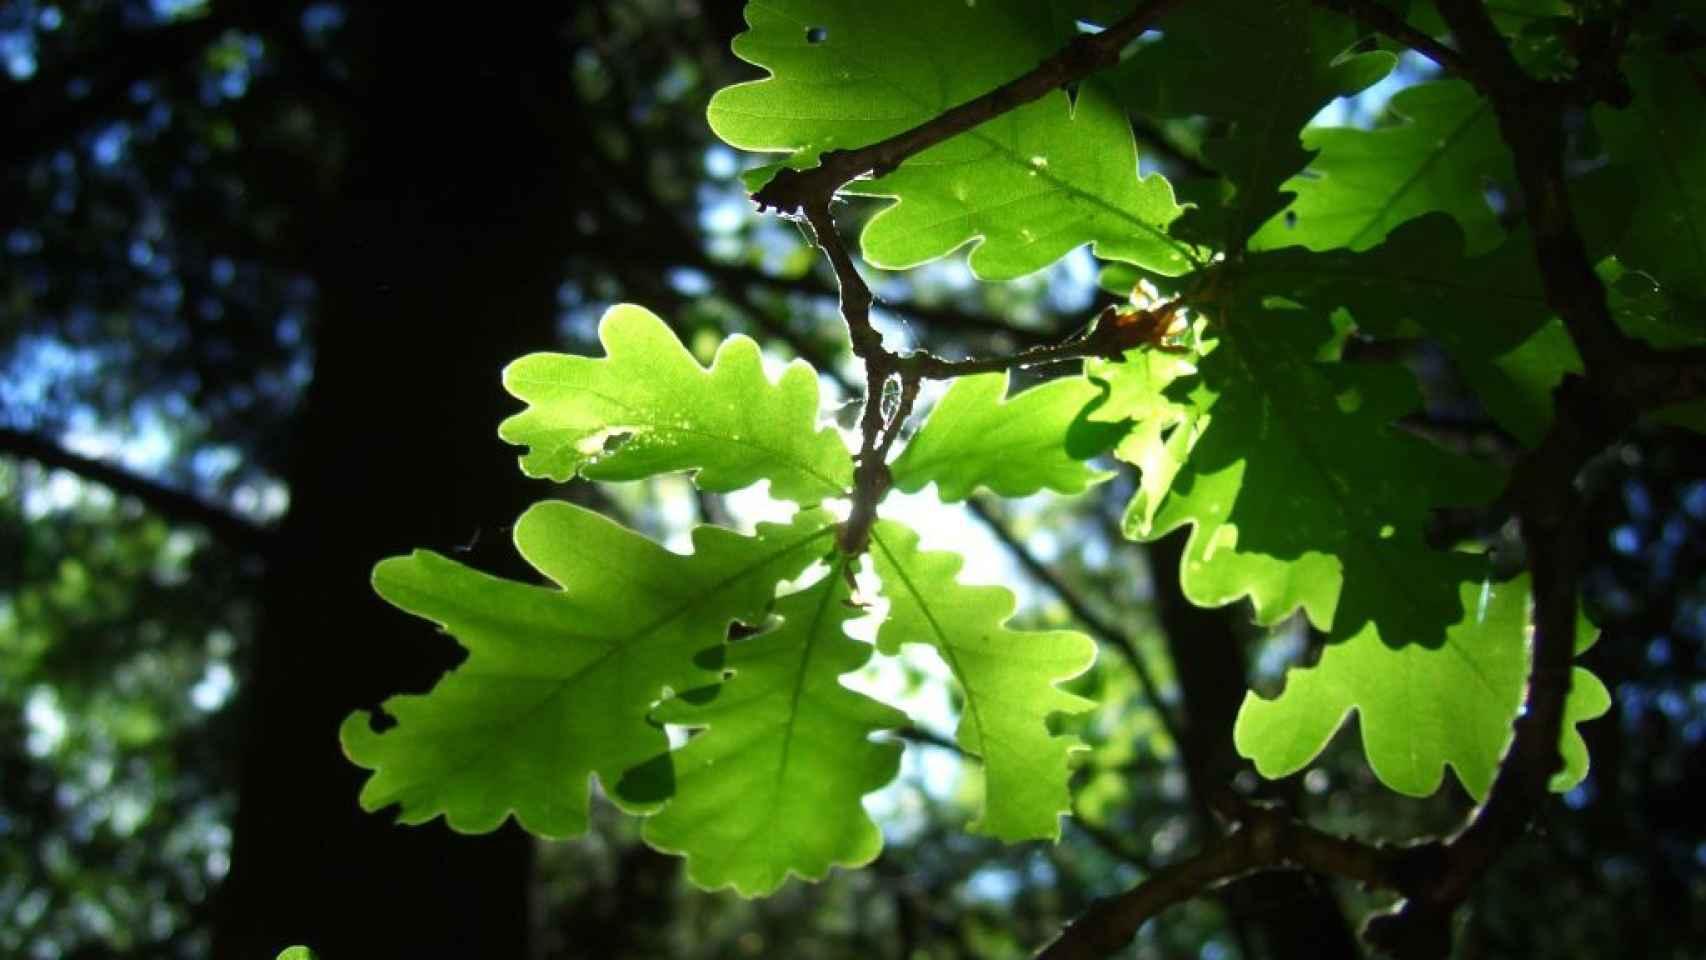 La fotosíntesis funciona gracias a la física cuántica